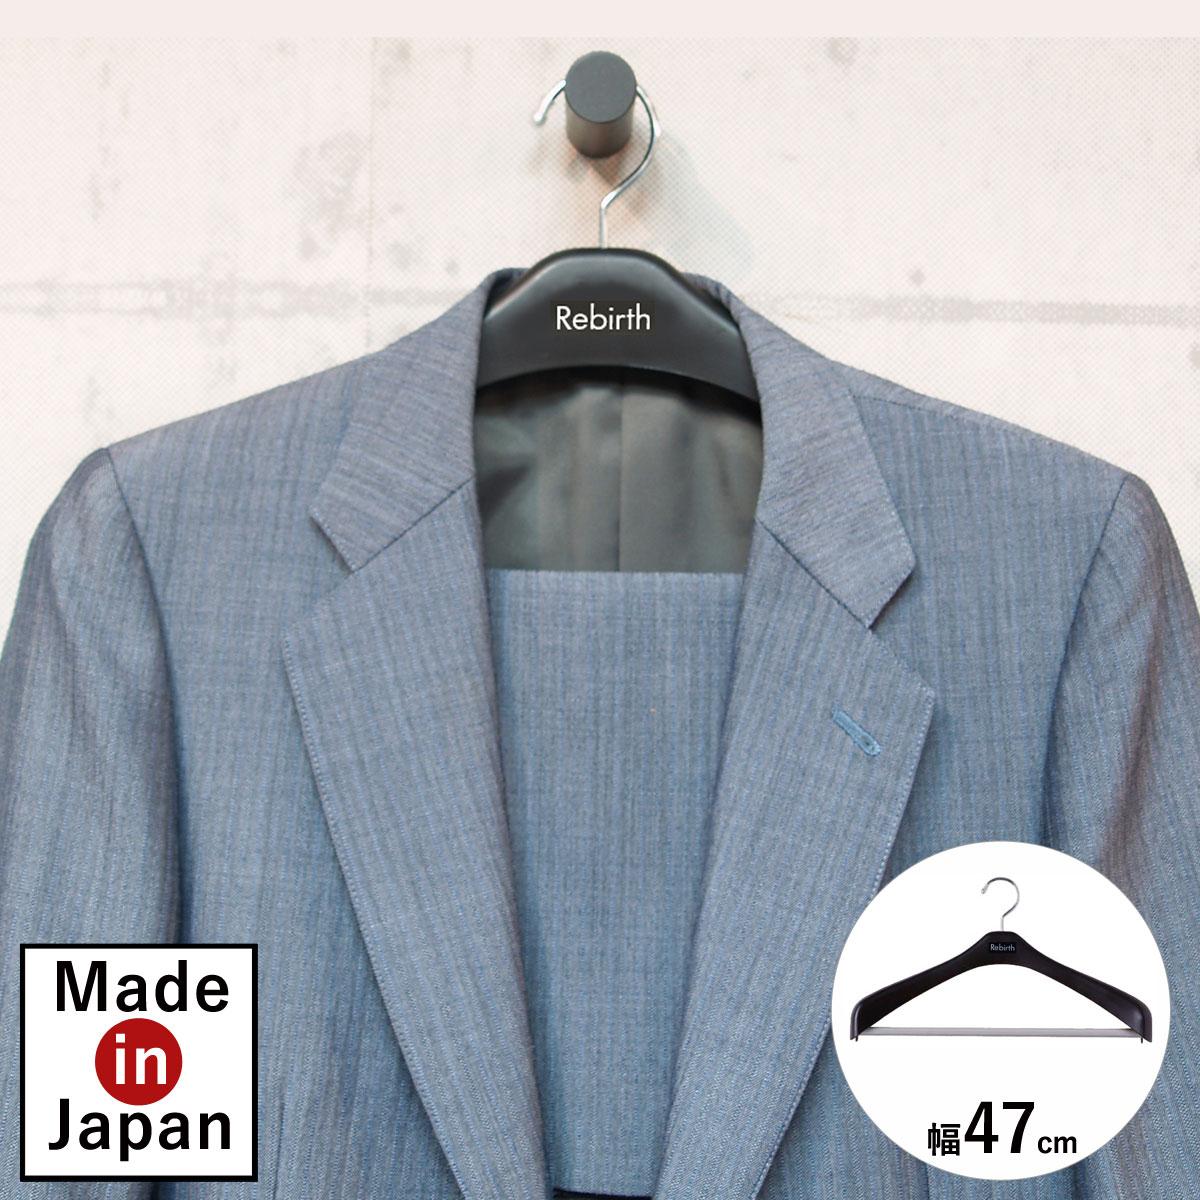 ハンガー 収納 おしゃれ ジャケットハンガー スーツ ジャケット 肩幅47cm  リバースジャケットストップ47